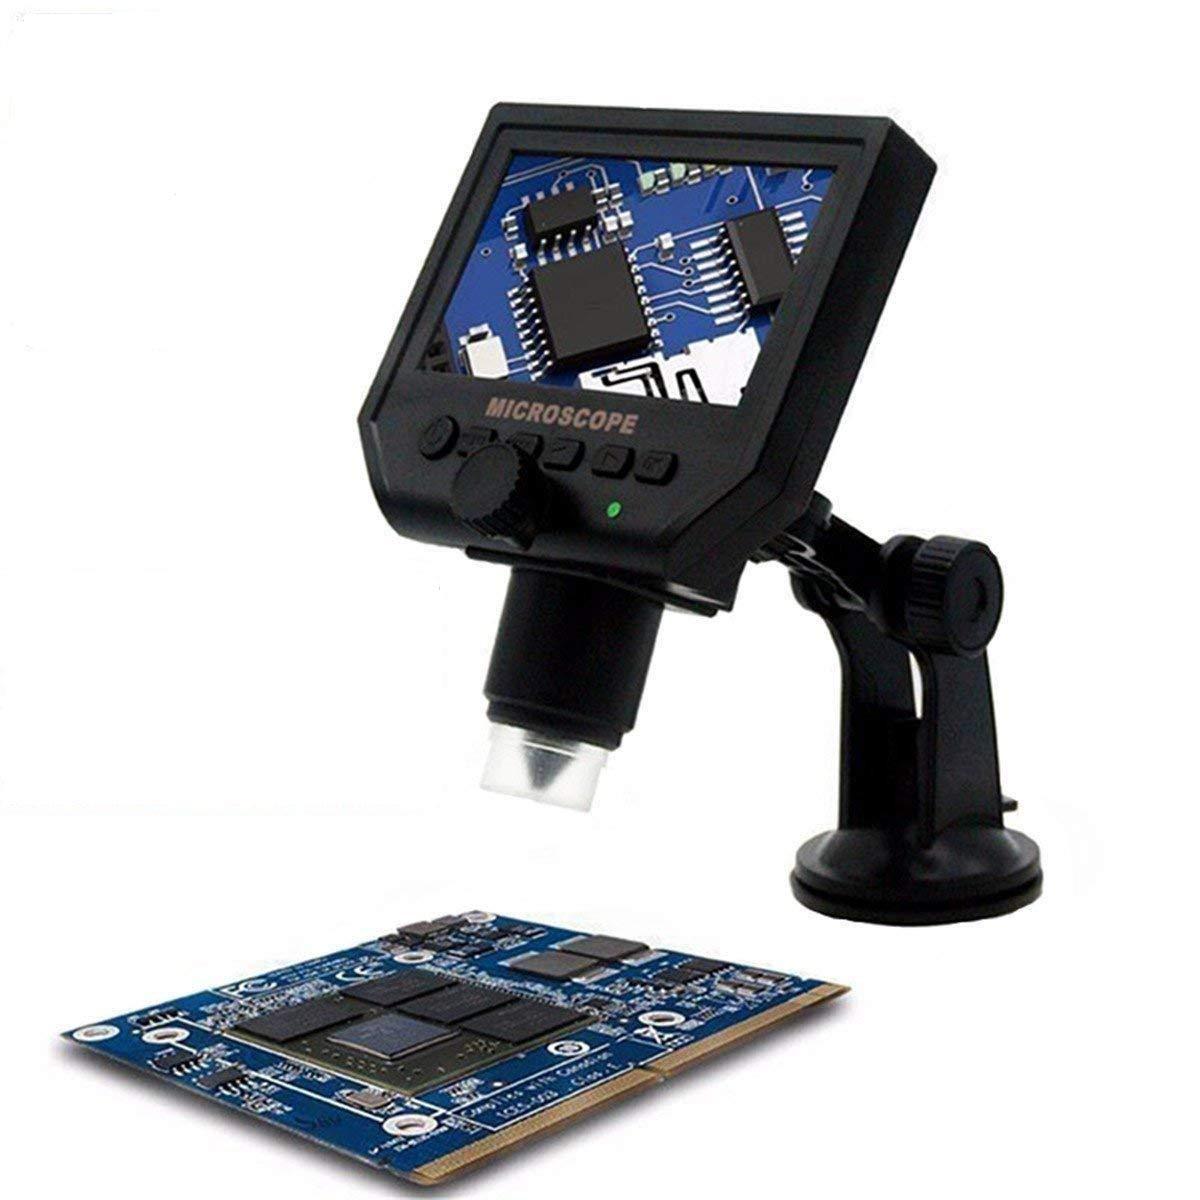 HD 3.6 Mp Microscopio Digitale Portatile + Schermo LCD 4.3 – Microscopio digitale/videocamera fotocamera + micro SD Card Slot, acquisizione di foto e video … acquisizione di foto e video ... EMEBAY EME-G600